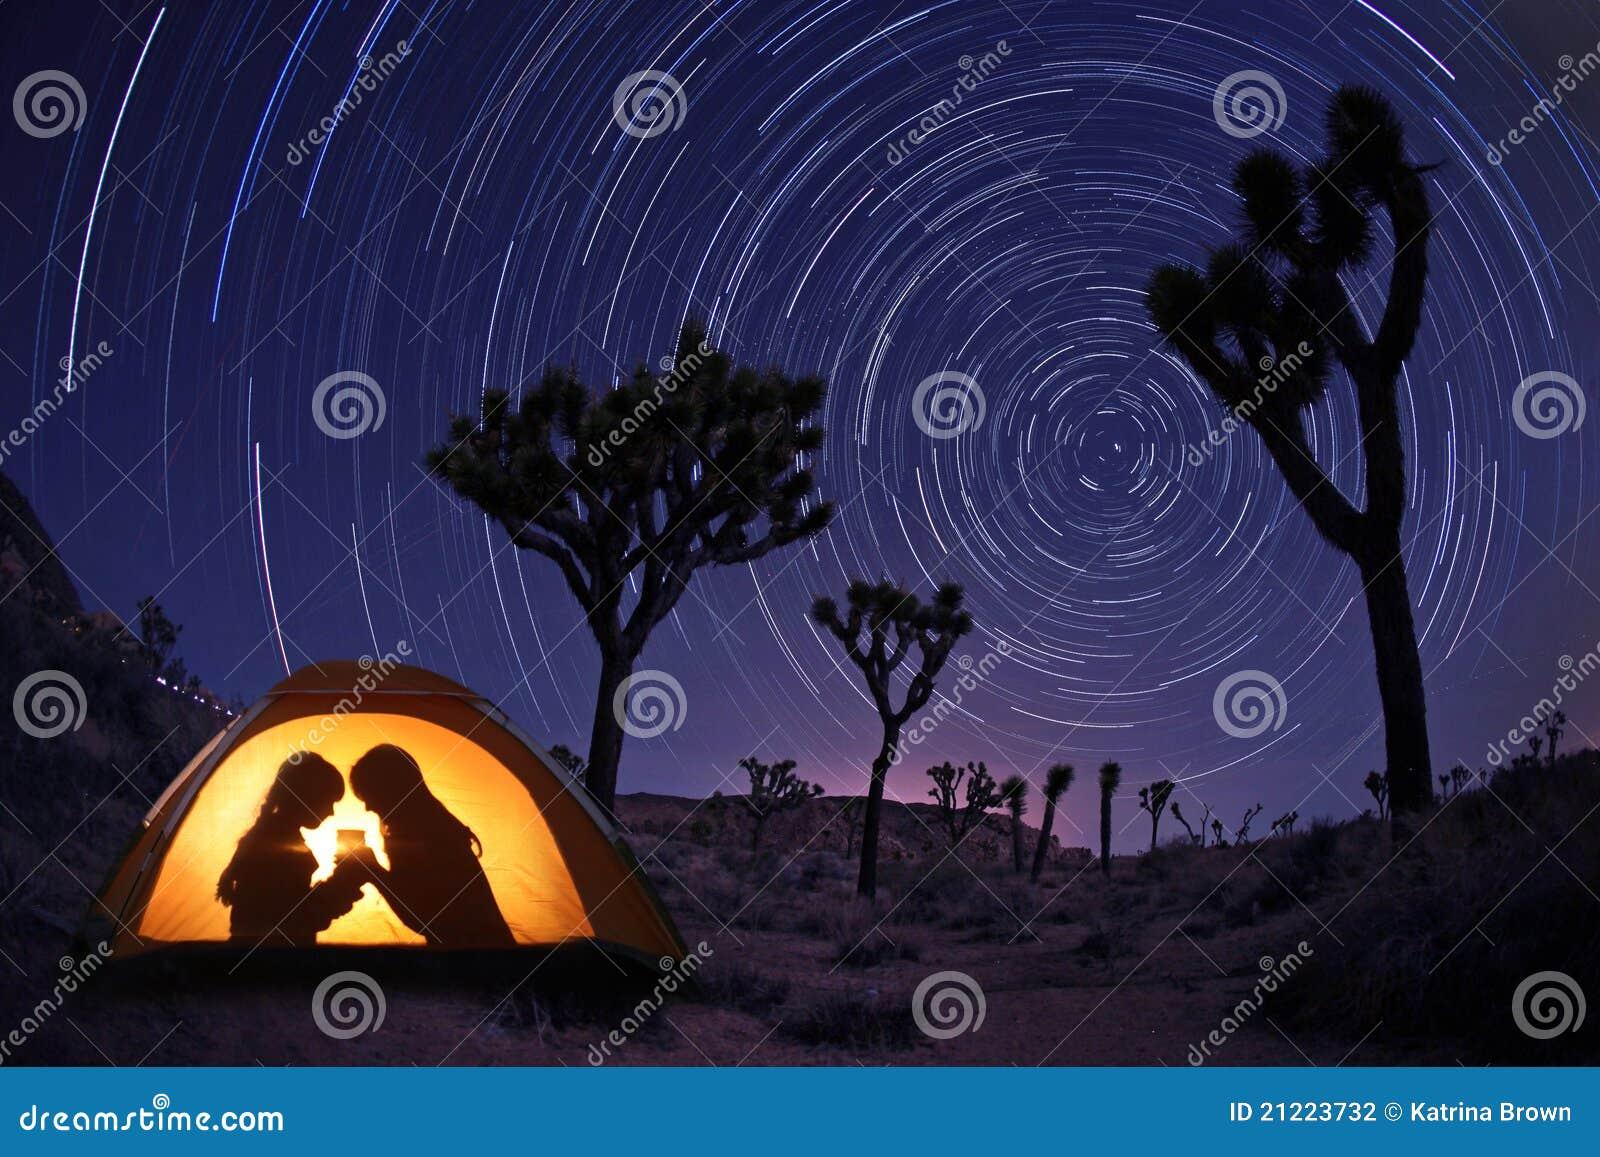 Children C&ing at Night in a Tent & Children Camping At Night In A Tent Stock Photo - Image of summer ...